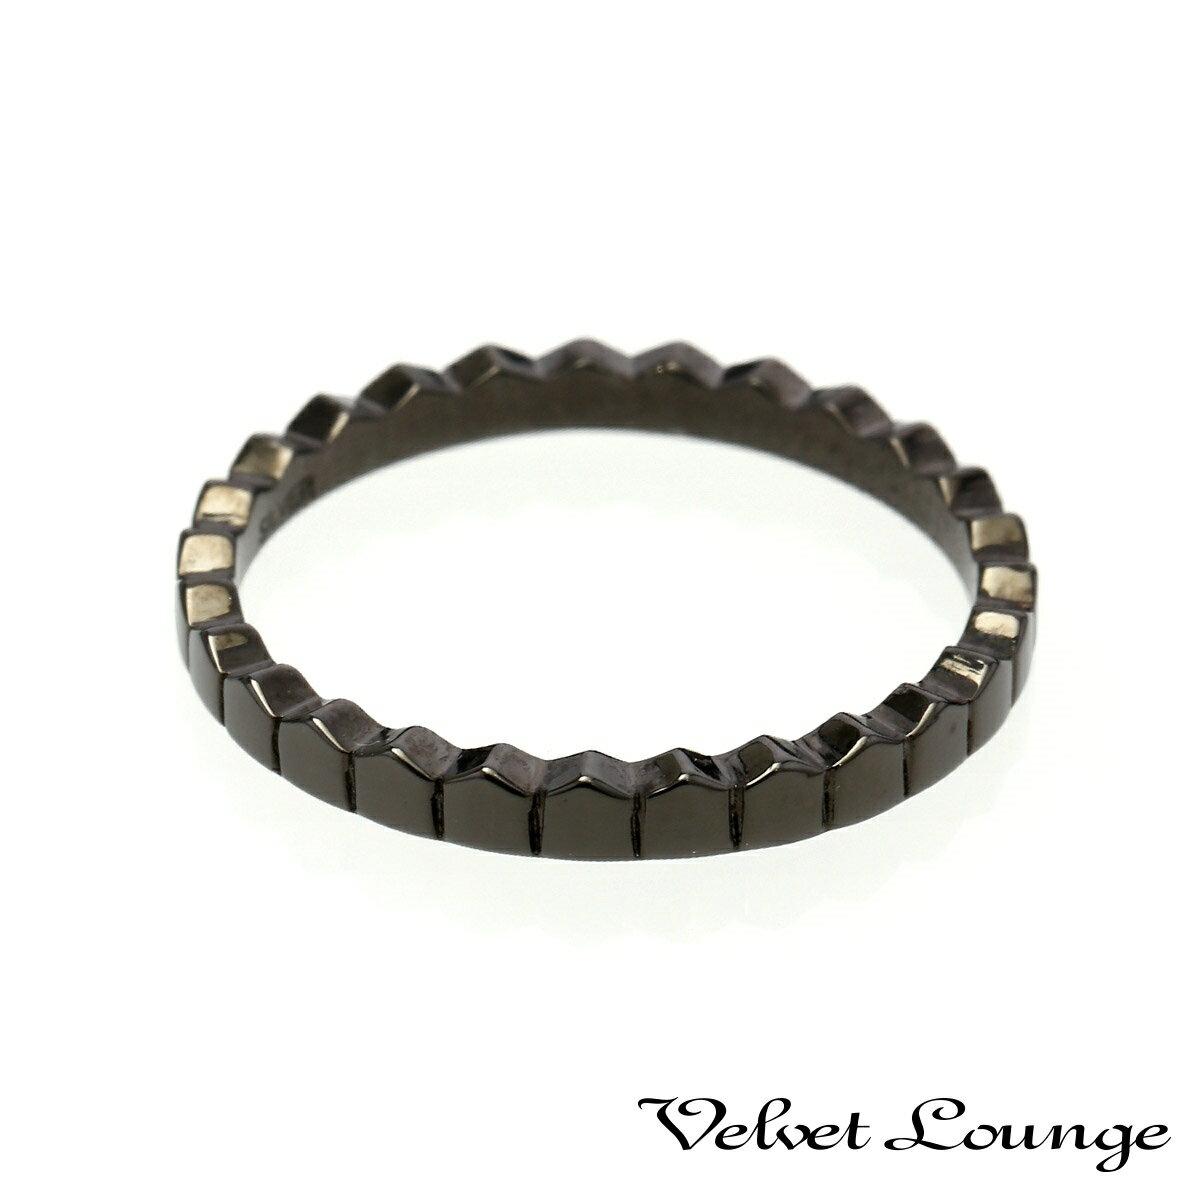 ヴェルヴェットラウンジ【Velvet Lounge】Swage block C スウェージブロックリング C/ブラック